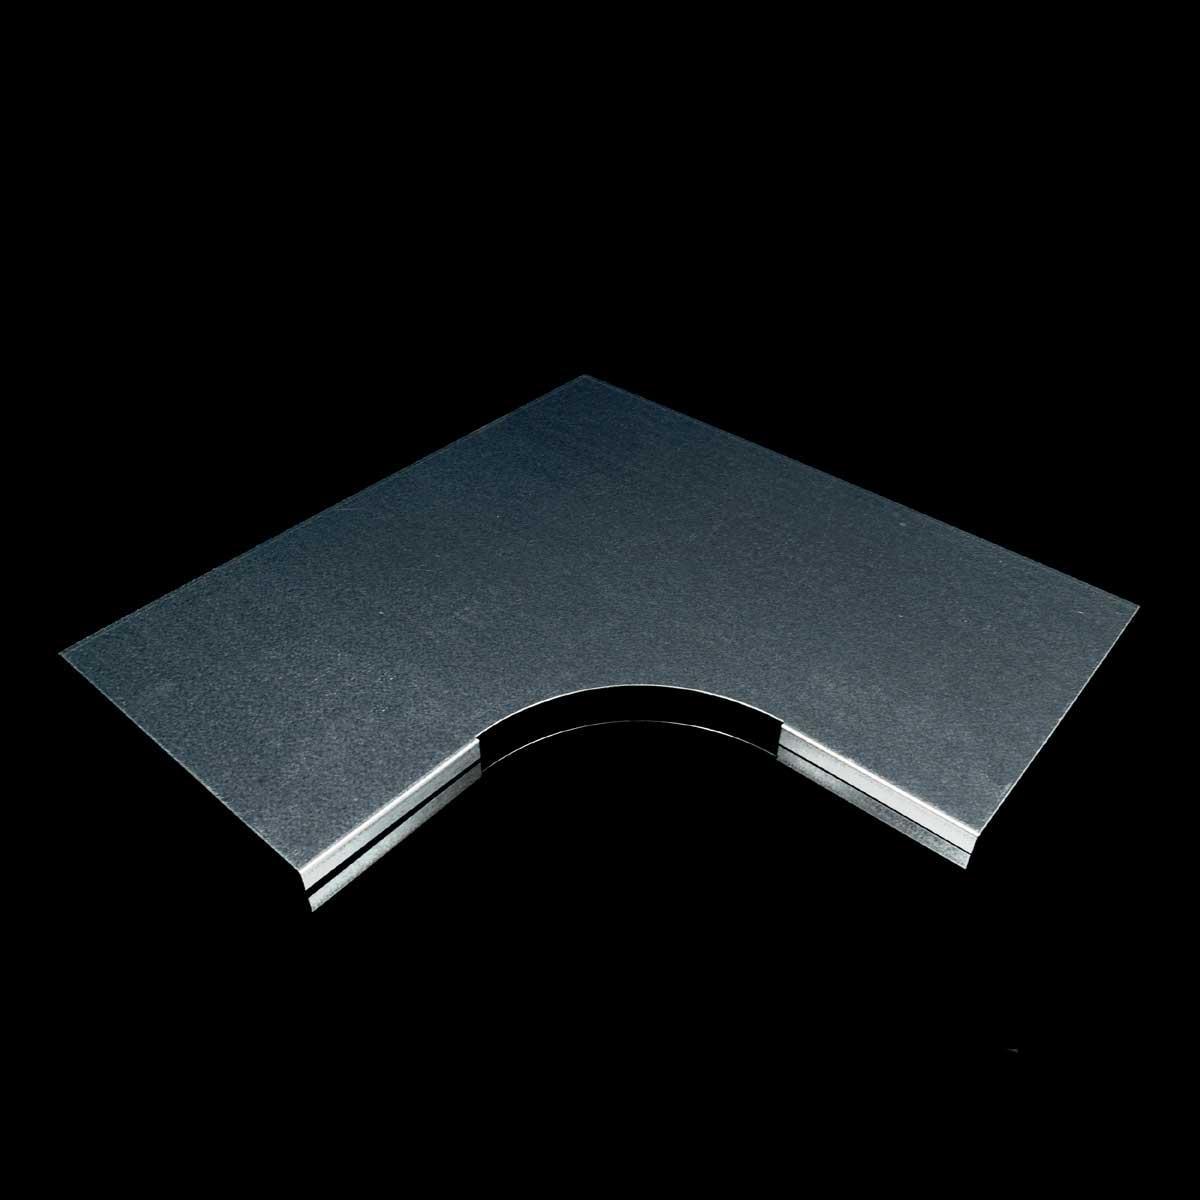 Кришка горизонтального повороту 90° для лотка JUPITER; розміри-12x150x354mm Товщ. метал-0,6 Вага-0,43кг/м